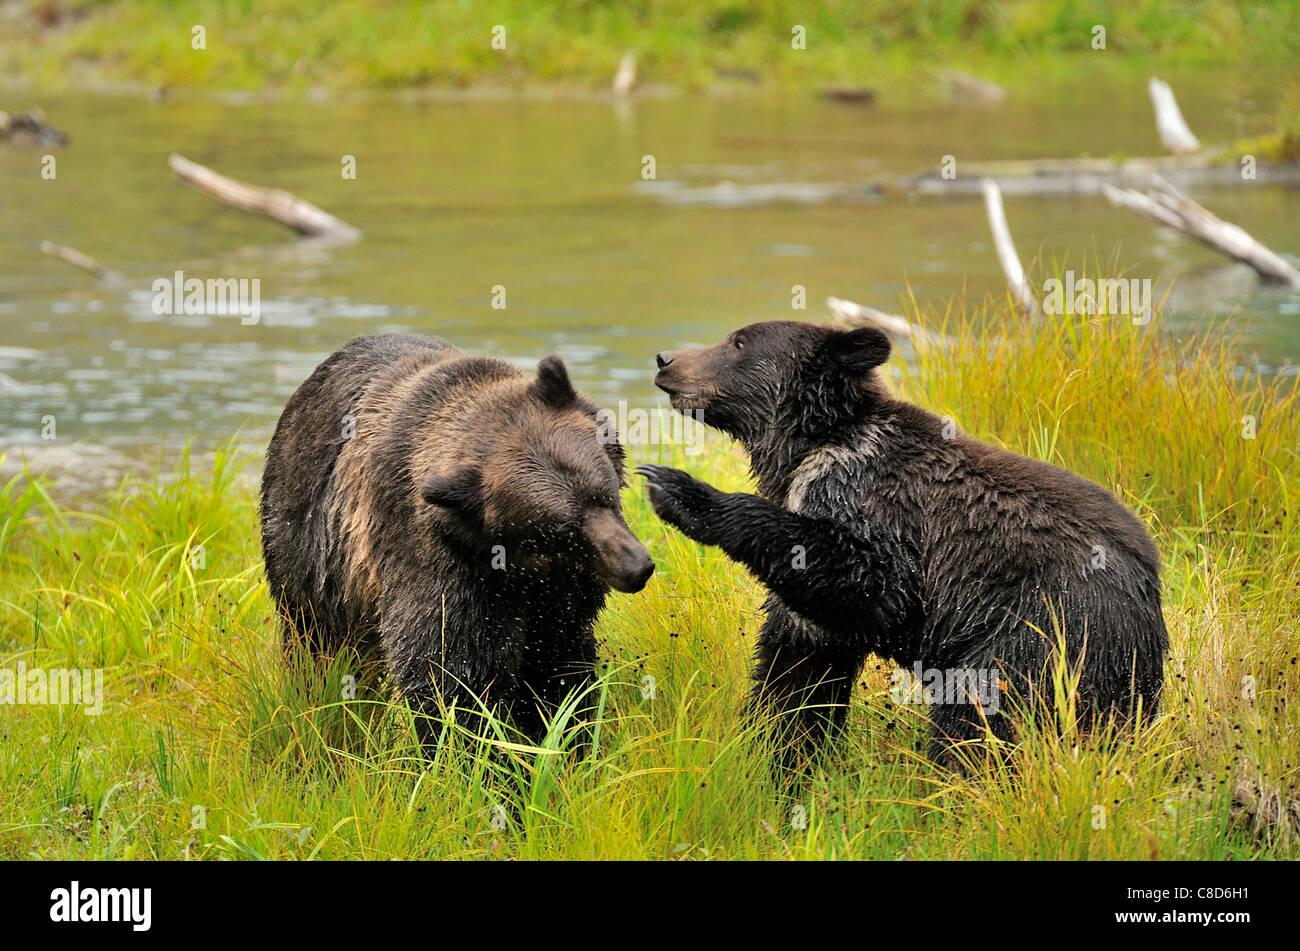 Mutter und Jungtier Grizzlybären spielerisch aggressiv Stockbild